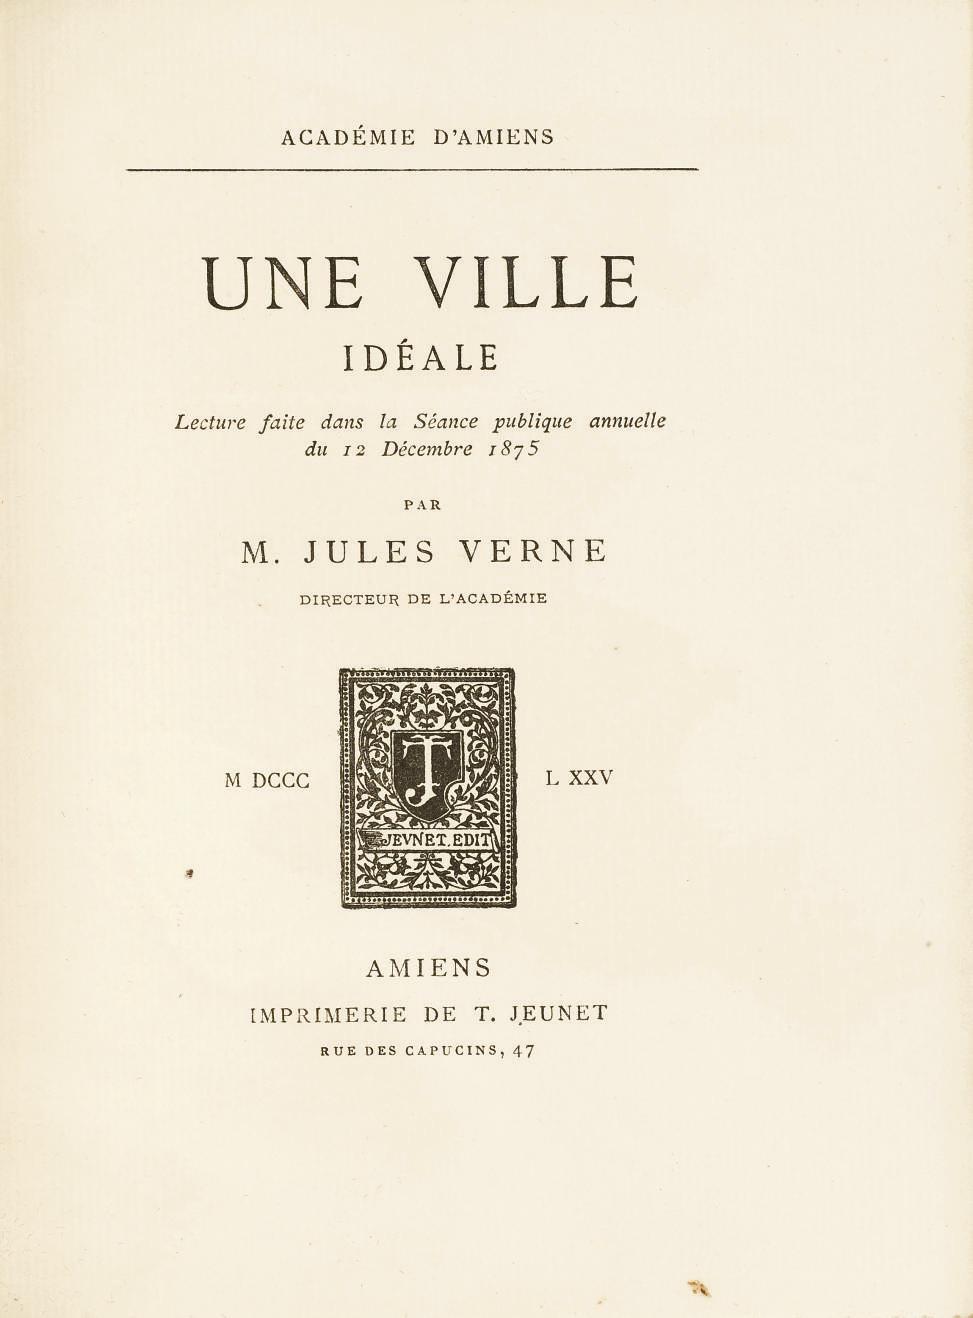 [VERNE, Jules (1828-1905).] Un